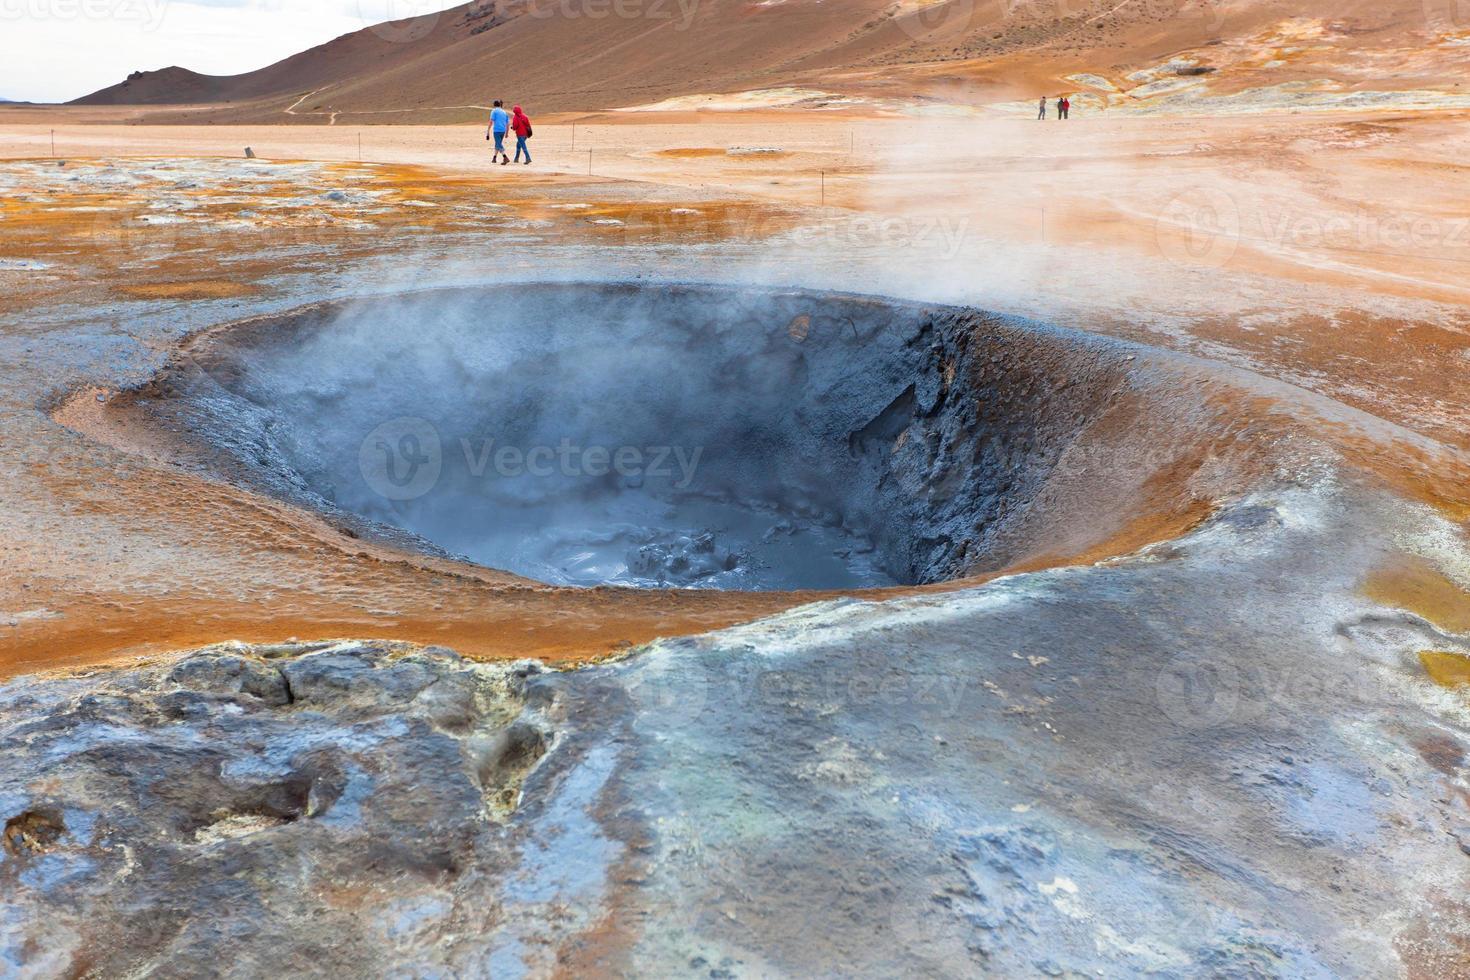 pots de boue chaude dans la zone géothermique hverir, Islande photo